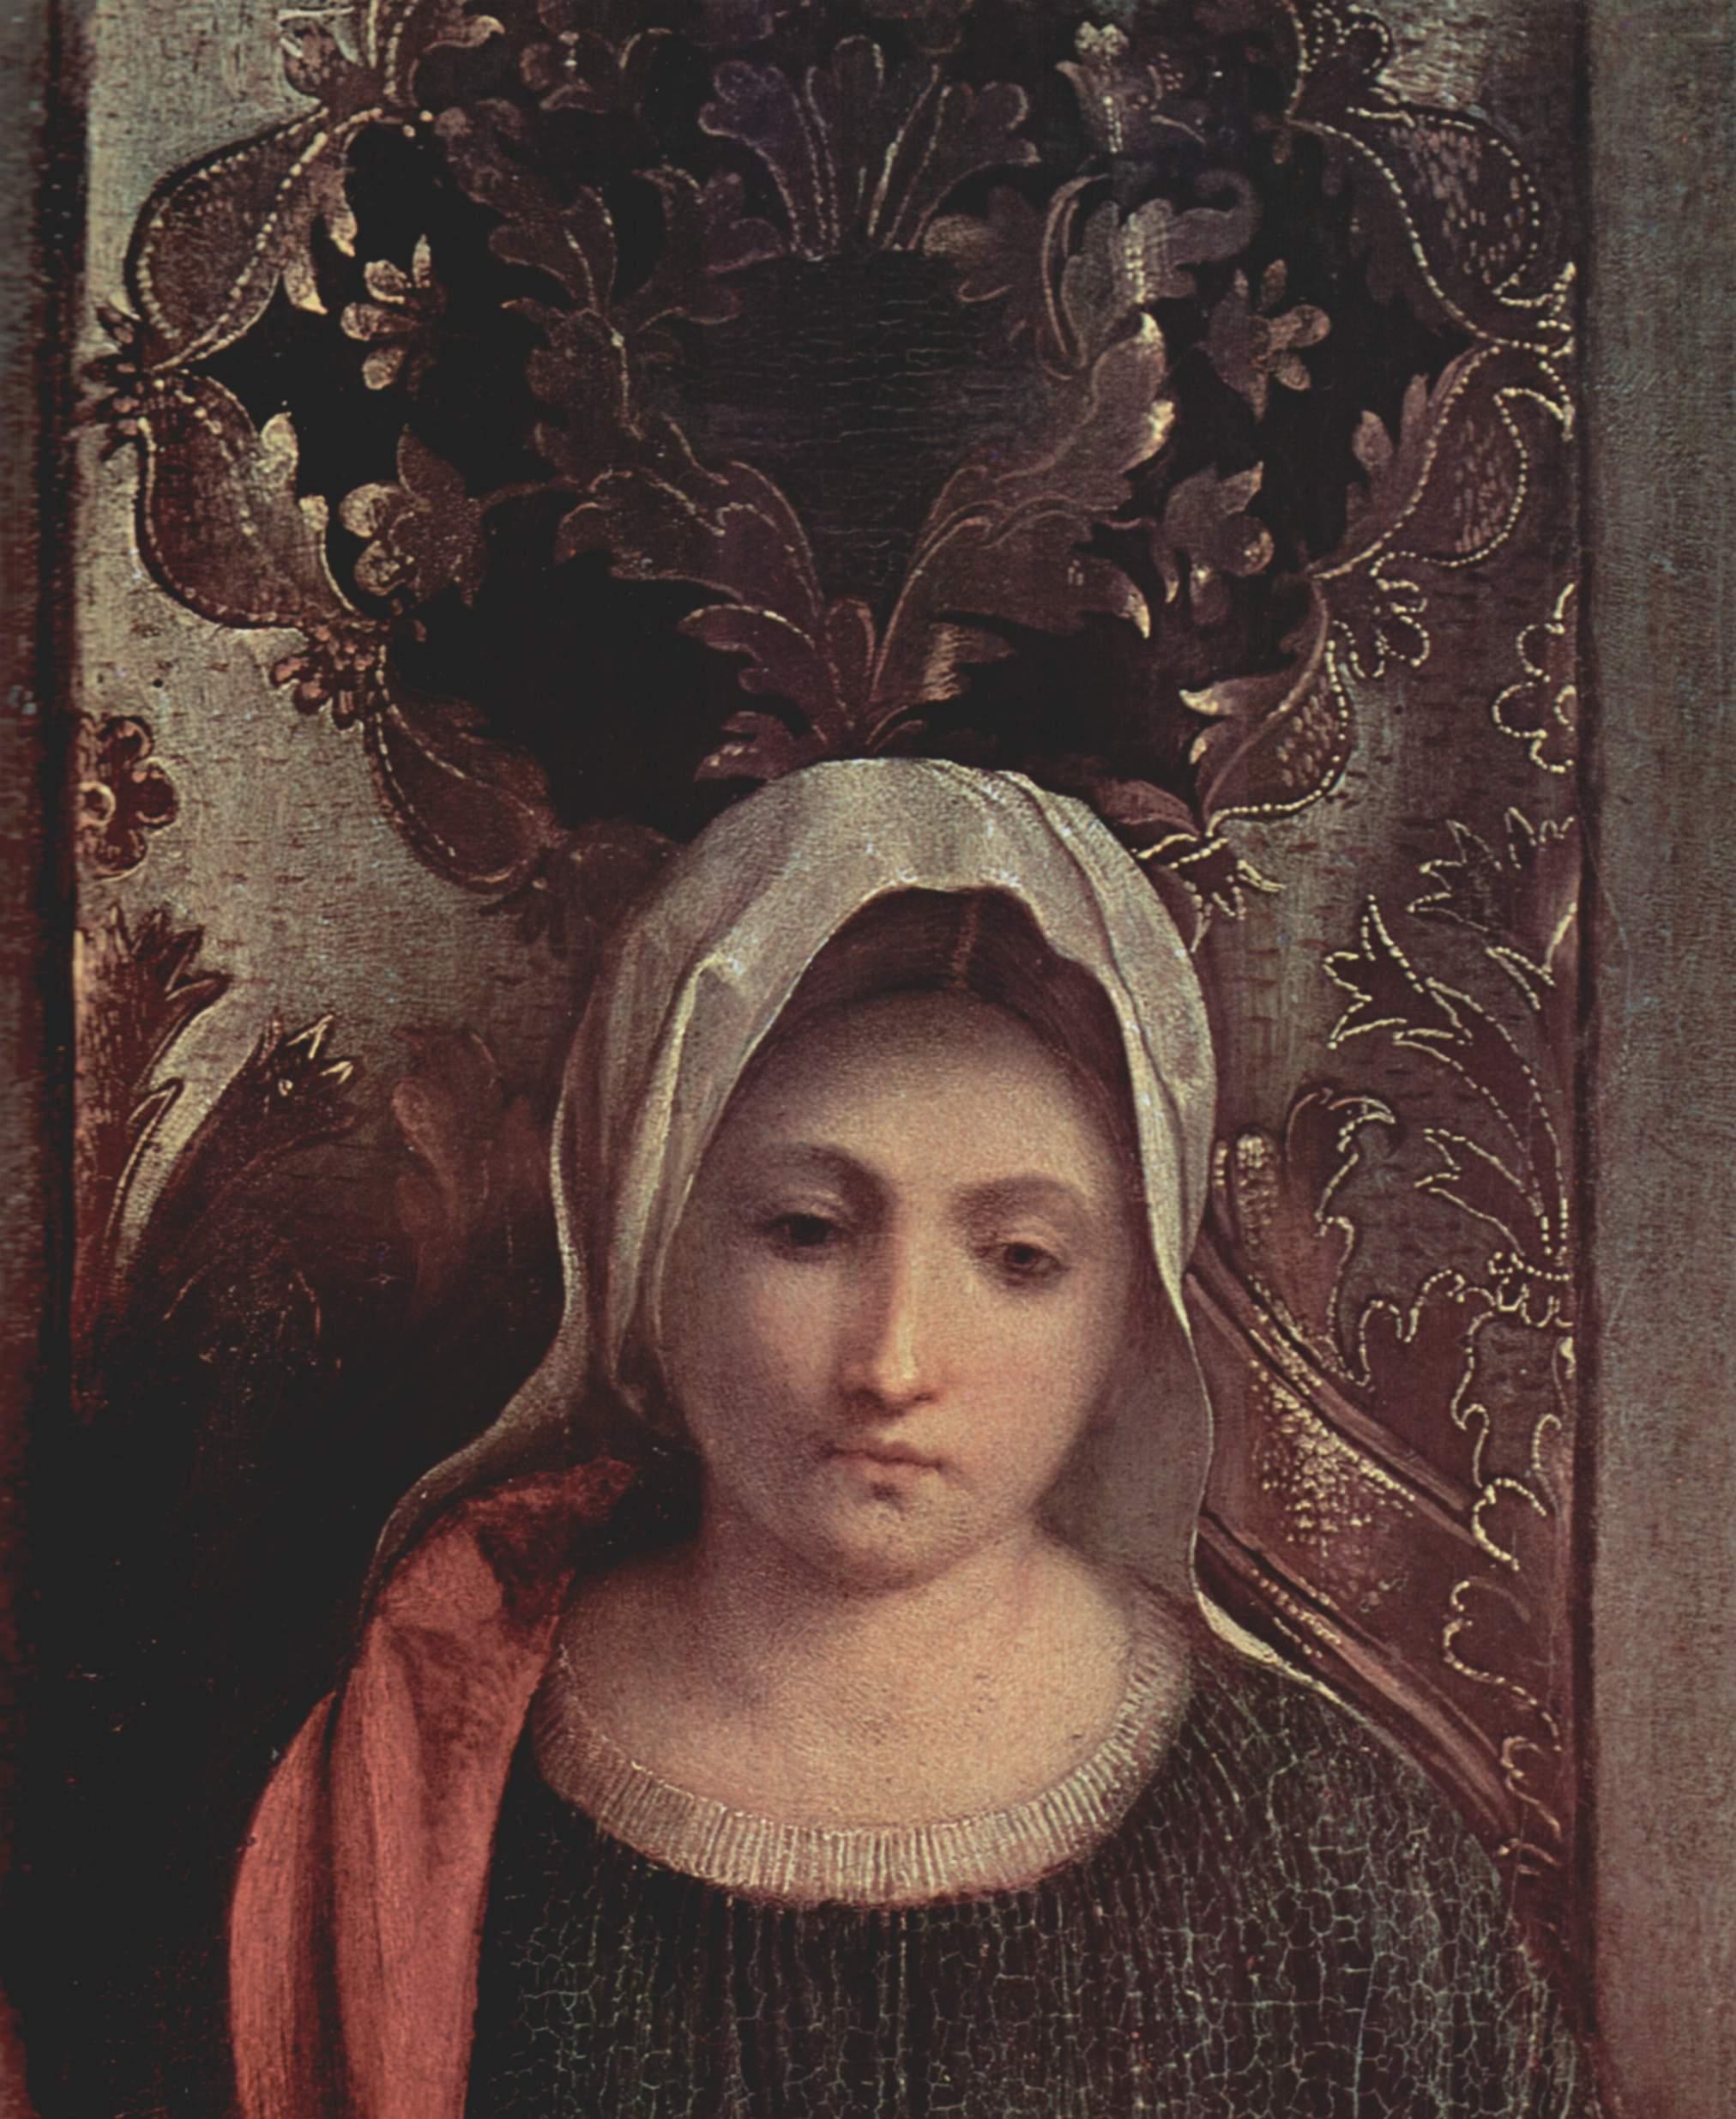 Алтарь Кастельфранко. Мадонна на троне со свв. Либералом из Тревизо и Франциском. Фрагмент. Мария, Джорджоне